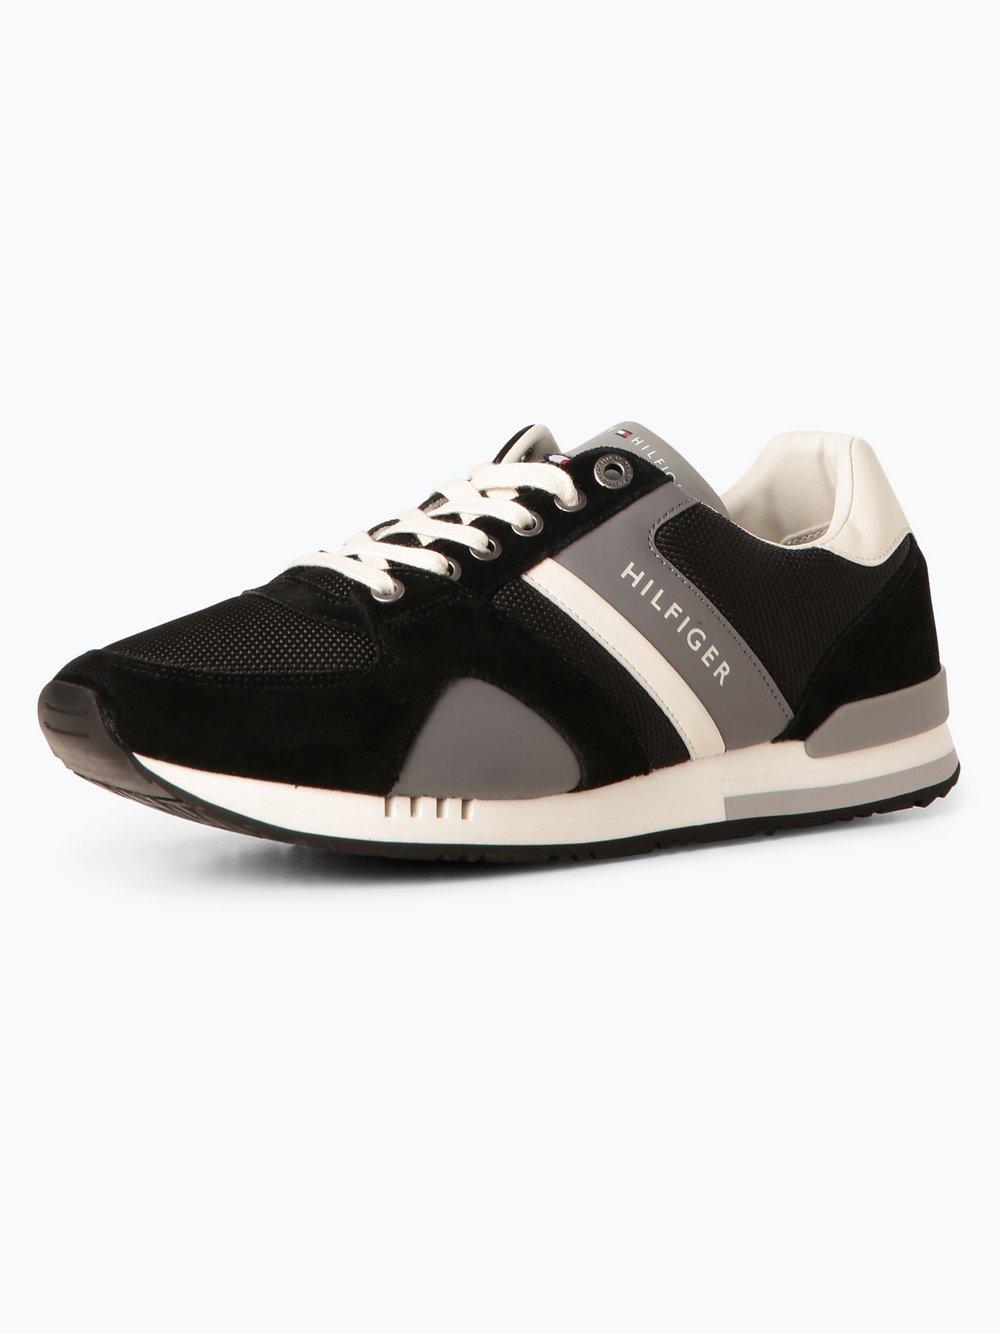 Tommy Hilfiger Herren Sneaker mit Leder-Anteil  2  online kaufen ... ec06fd71f9